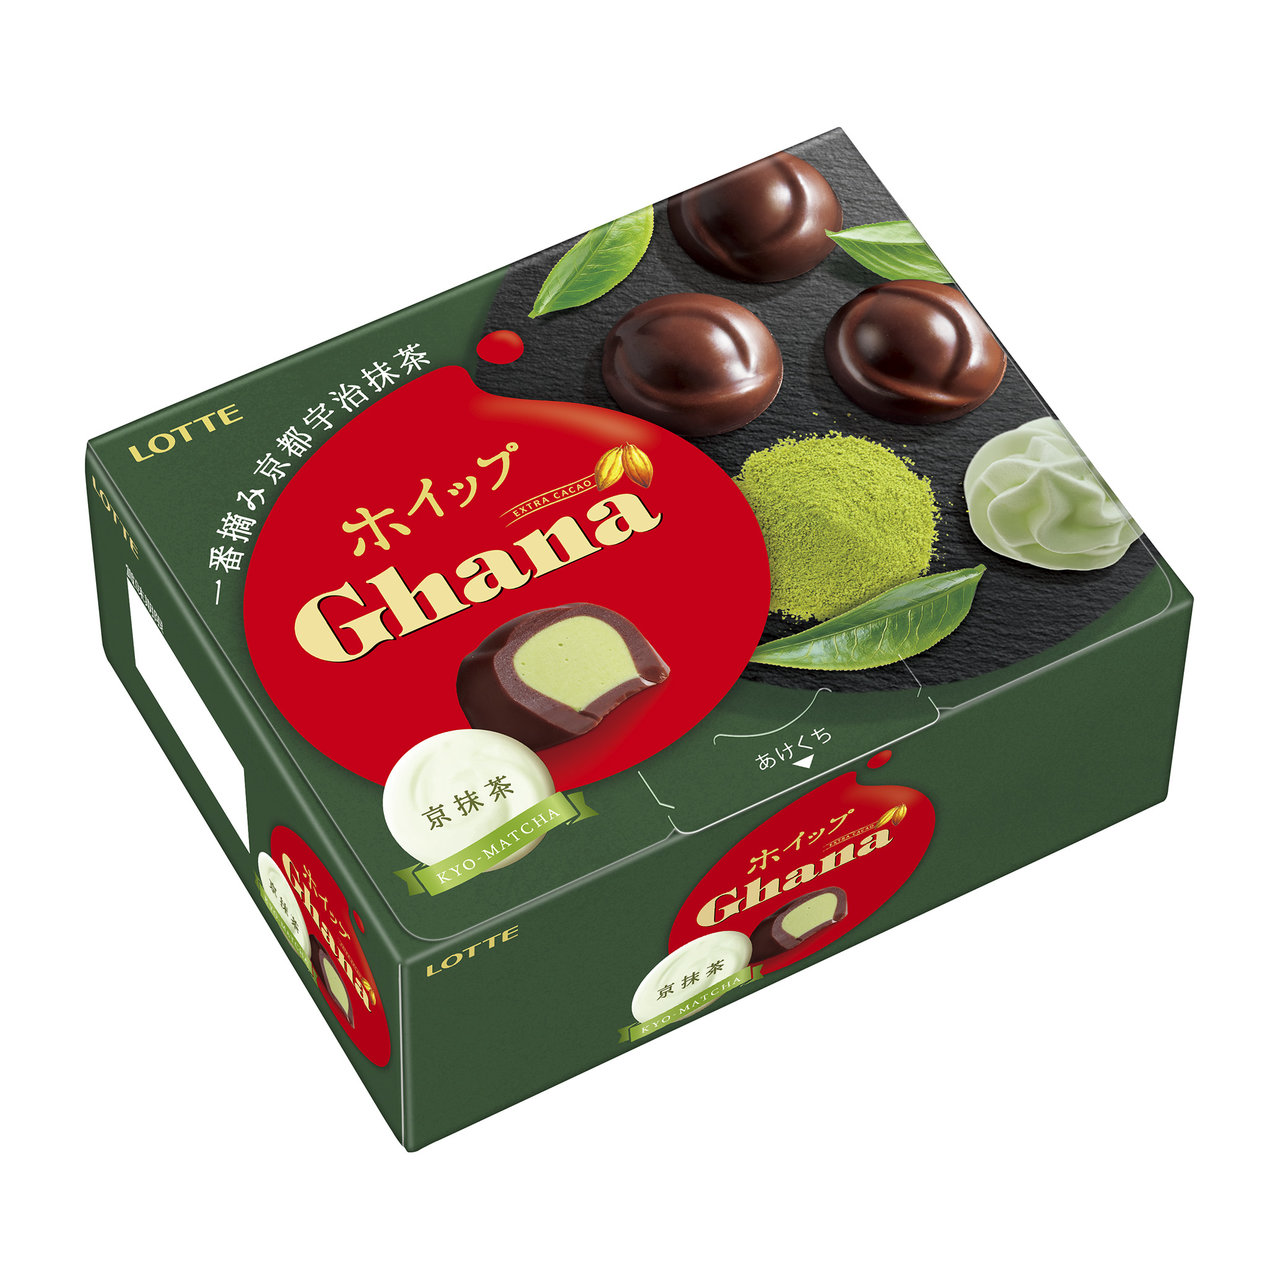 ガーナシリーズから軽い口どけ、ふんわりとろける本格的なホイップショコラ登場!『ホイップガーナ<京抹茶>』と、『ホイップガーナ<クラシックバニラ>』を発売いたします。